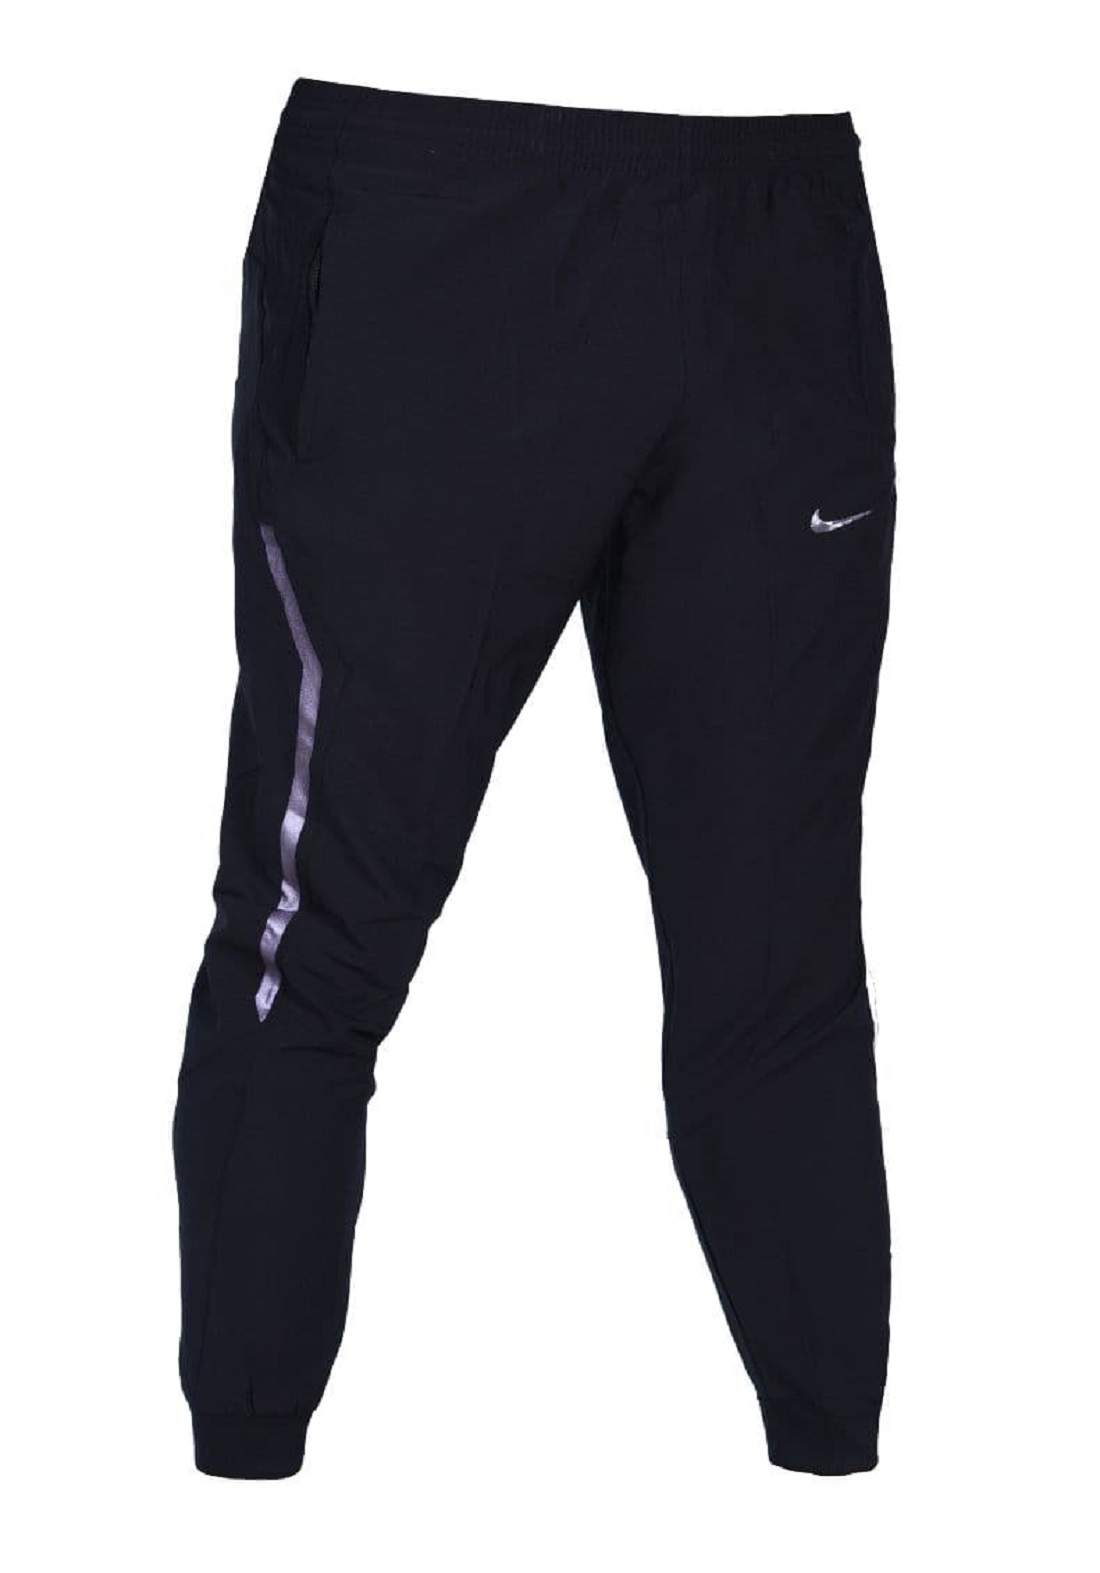 بنطلون بجامة رياضي رجالي اسود اللون من Nike